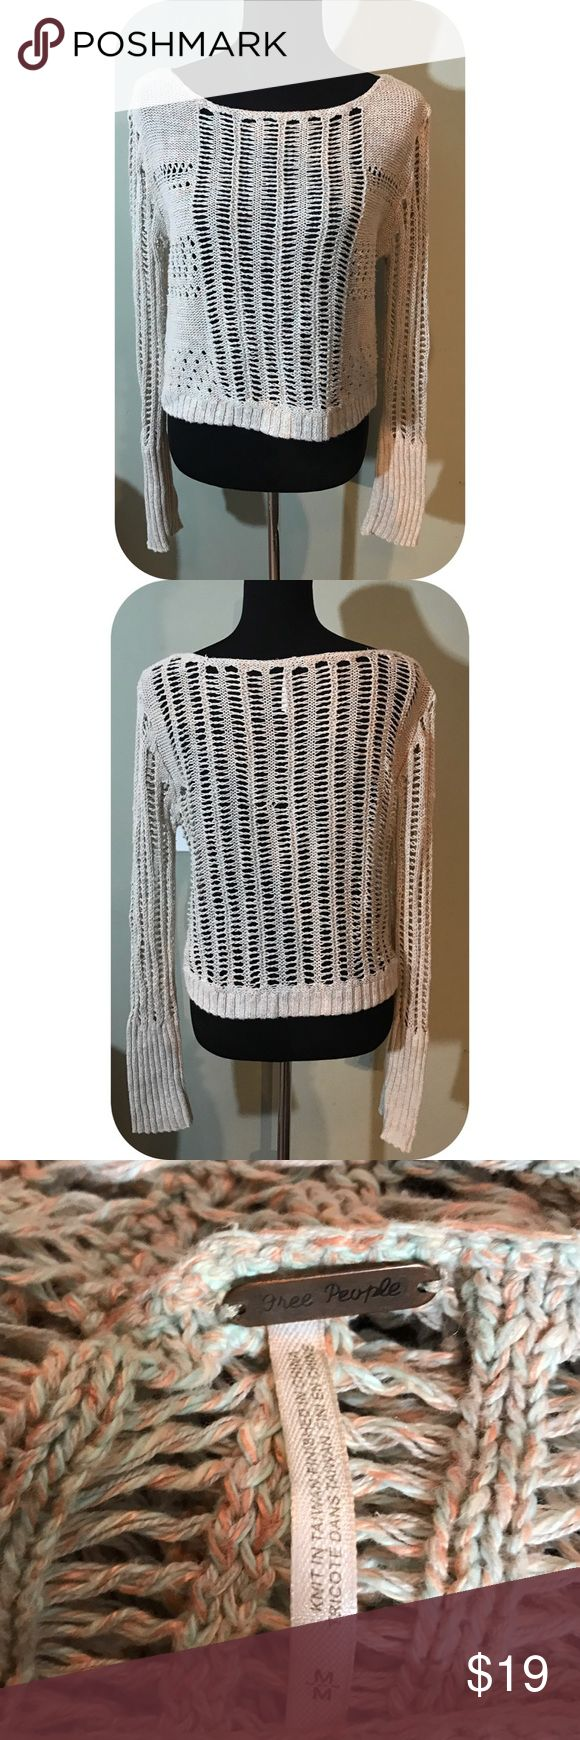 Free People Open Weave Sweater Gently worn - open weave loose knit sweater Free People Sweaters